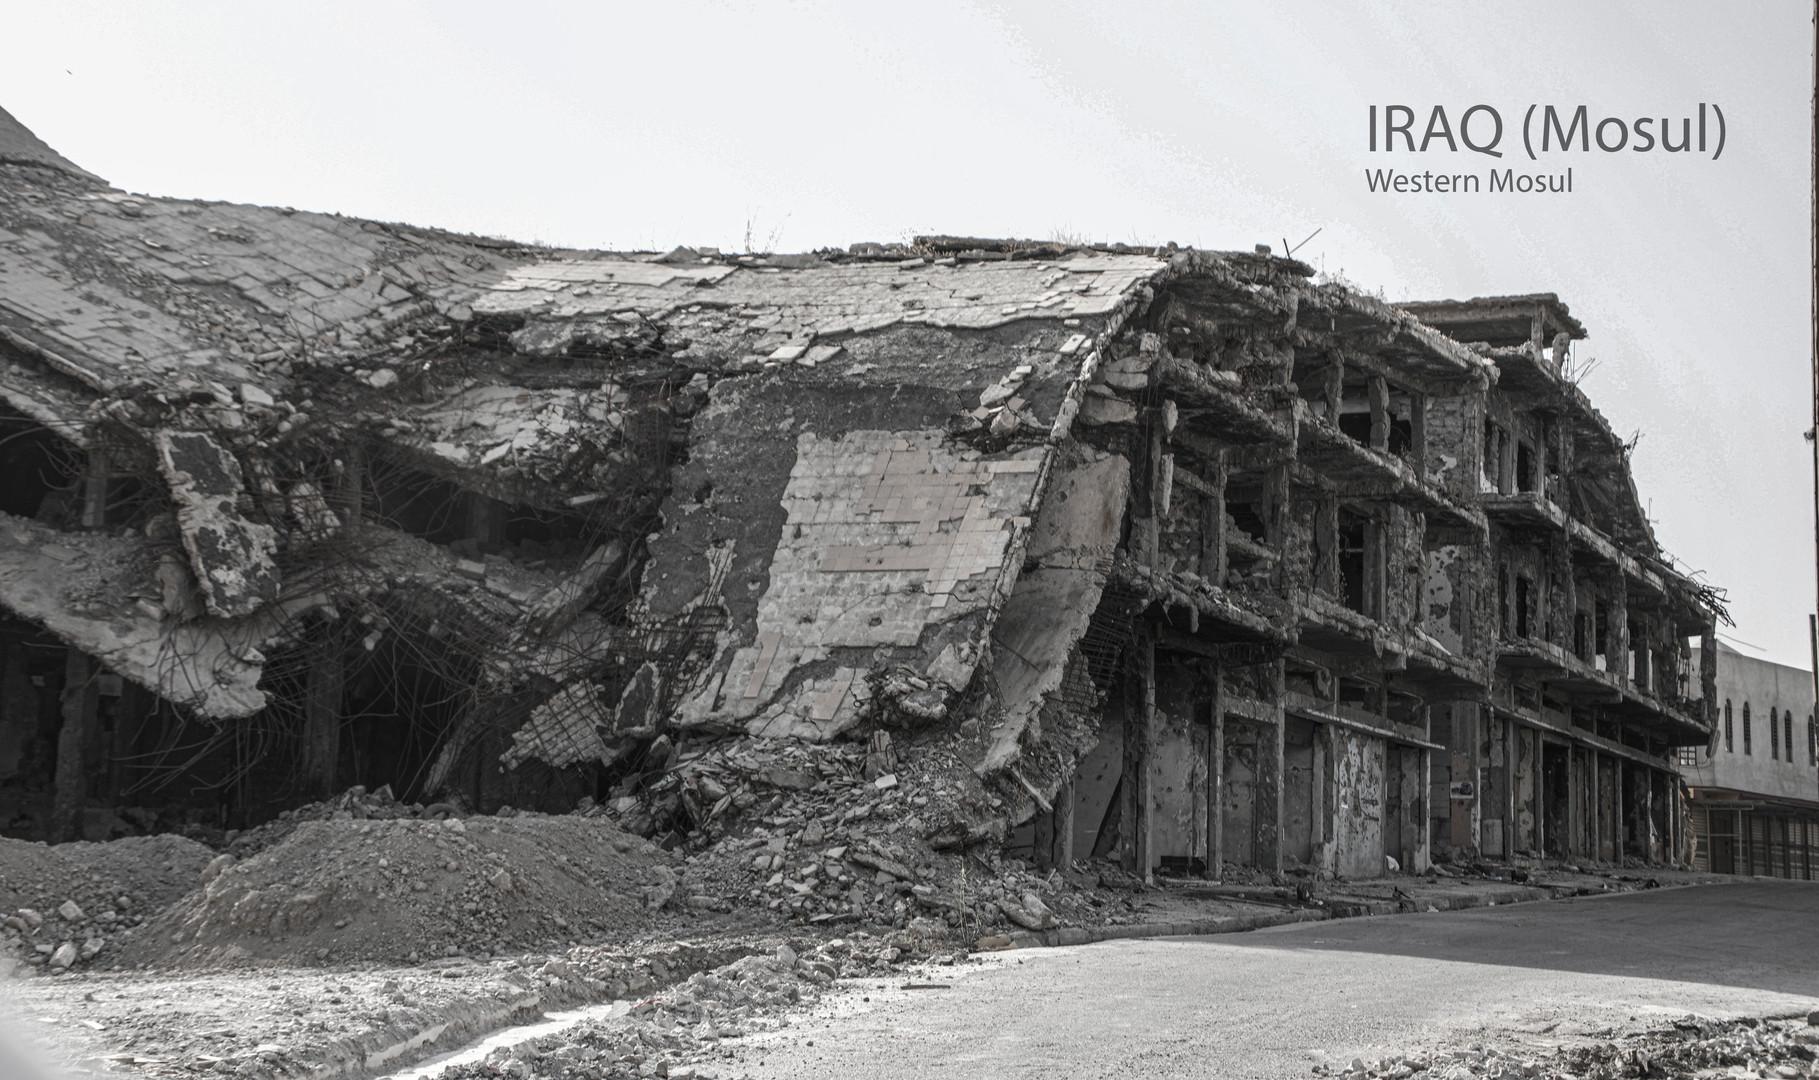 2019-07-22 Iraq - Mosul 24 (POW) 452A802